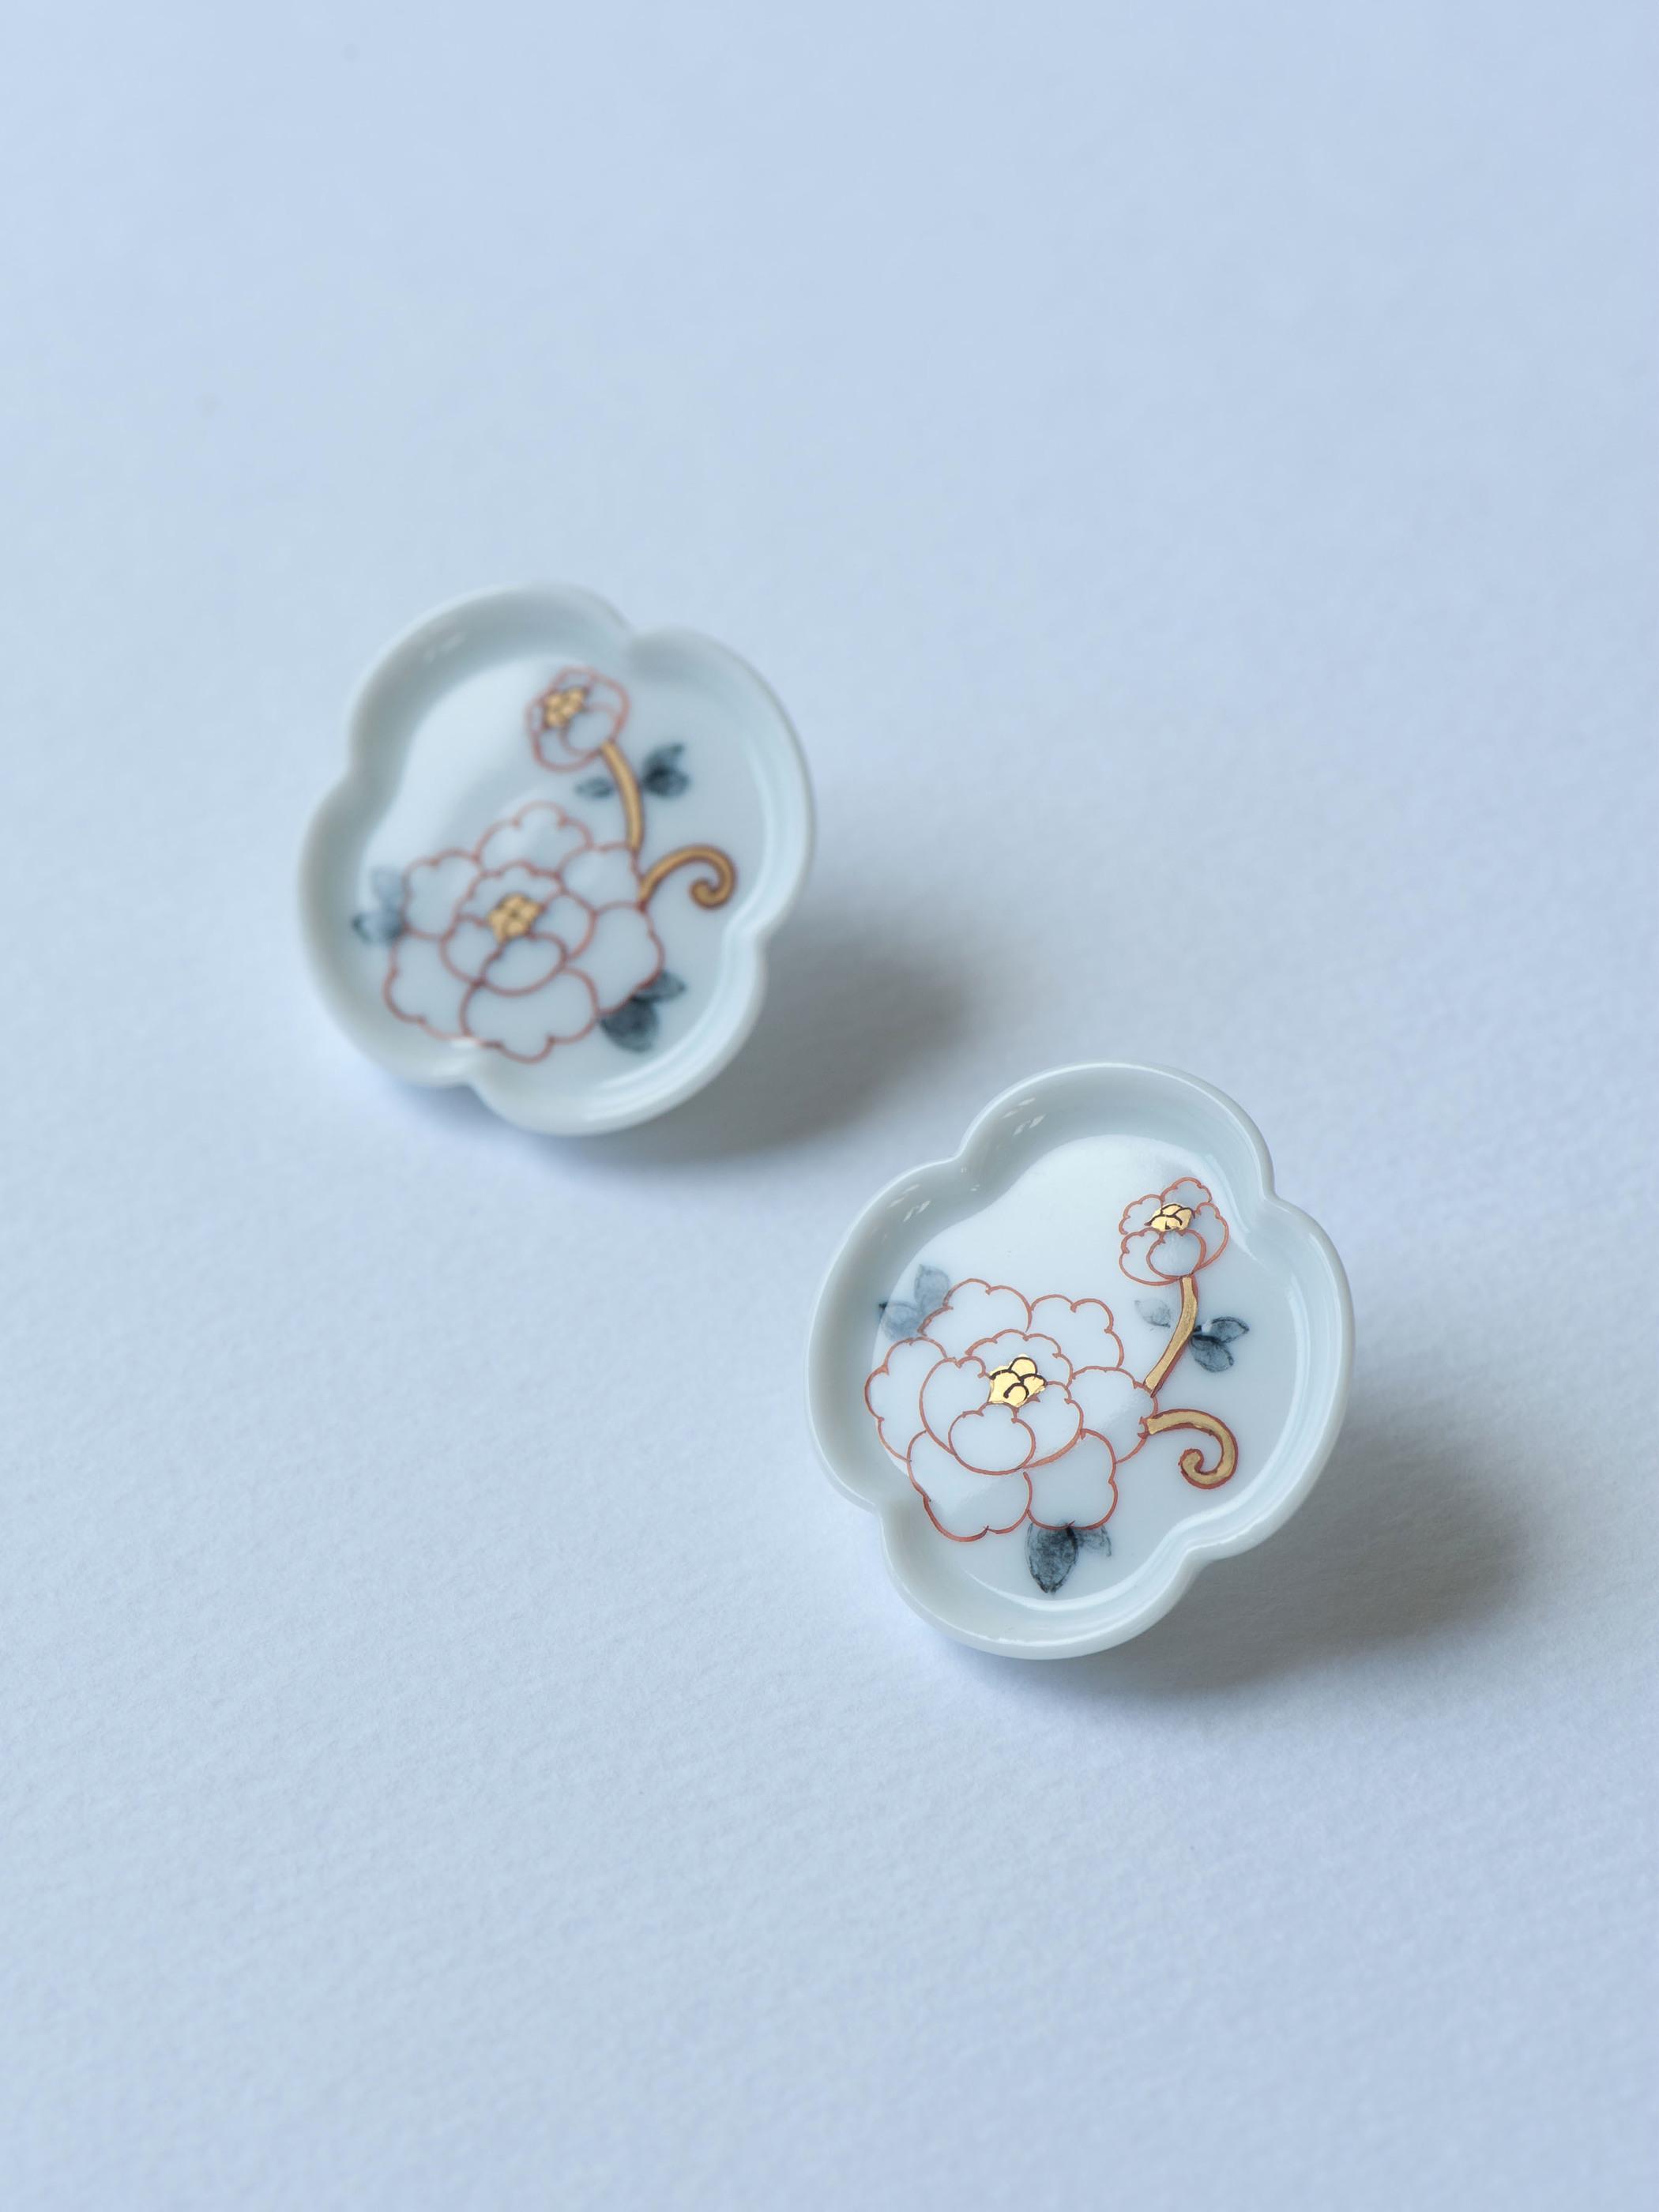 01 牡丹/Peony Mokkou Earrings - White